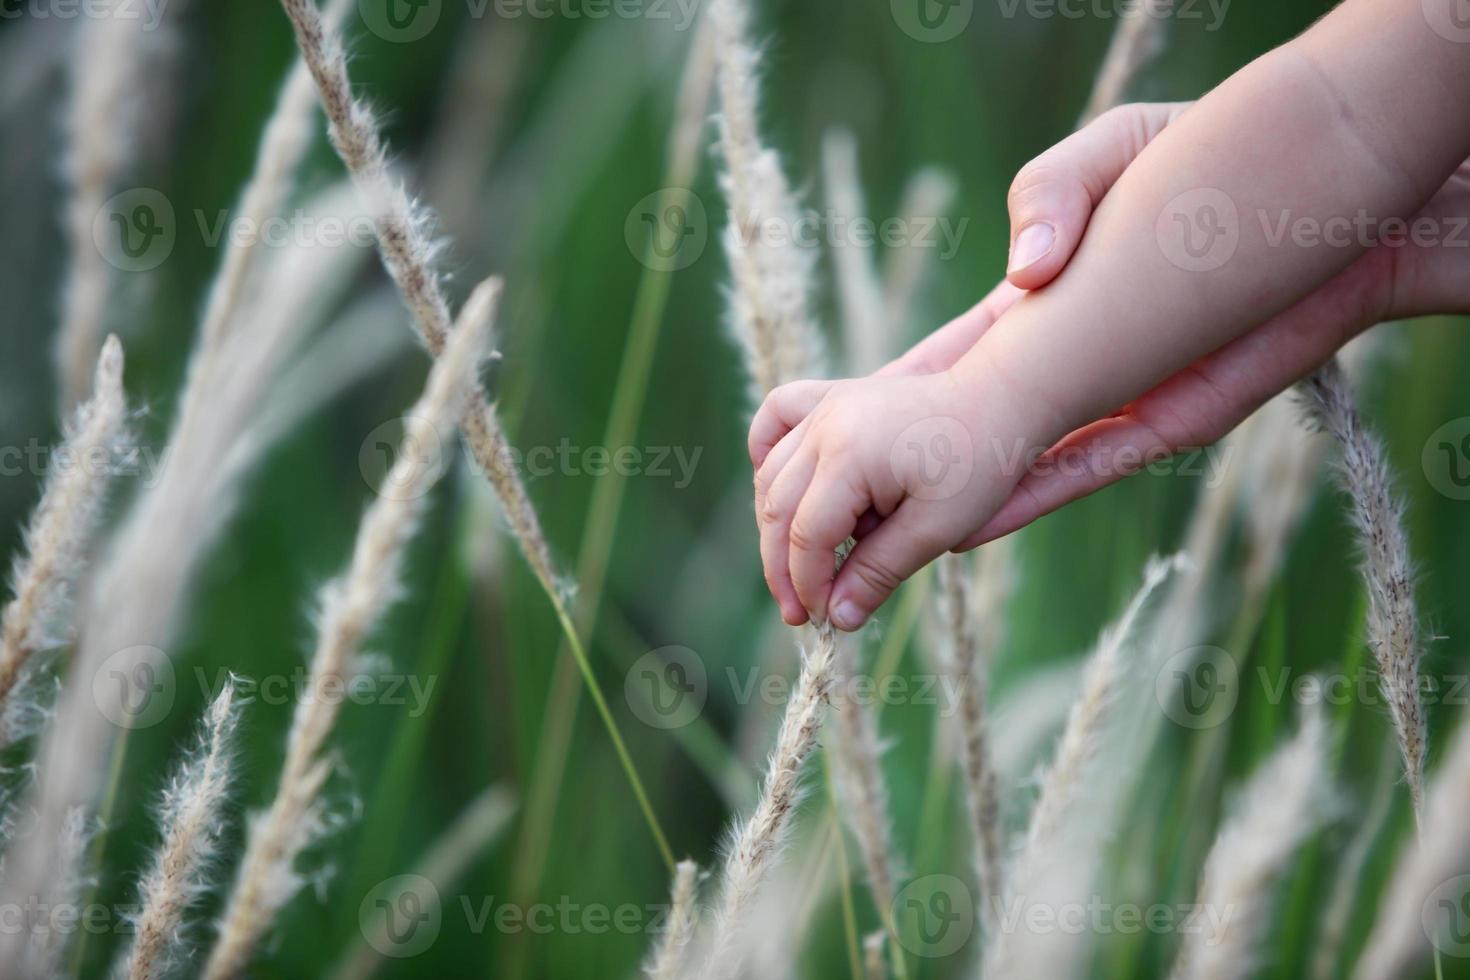 tome la mano de los niños sobre la hierba de juncos. foto